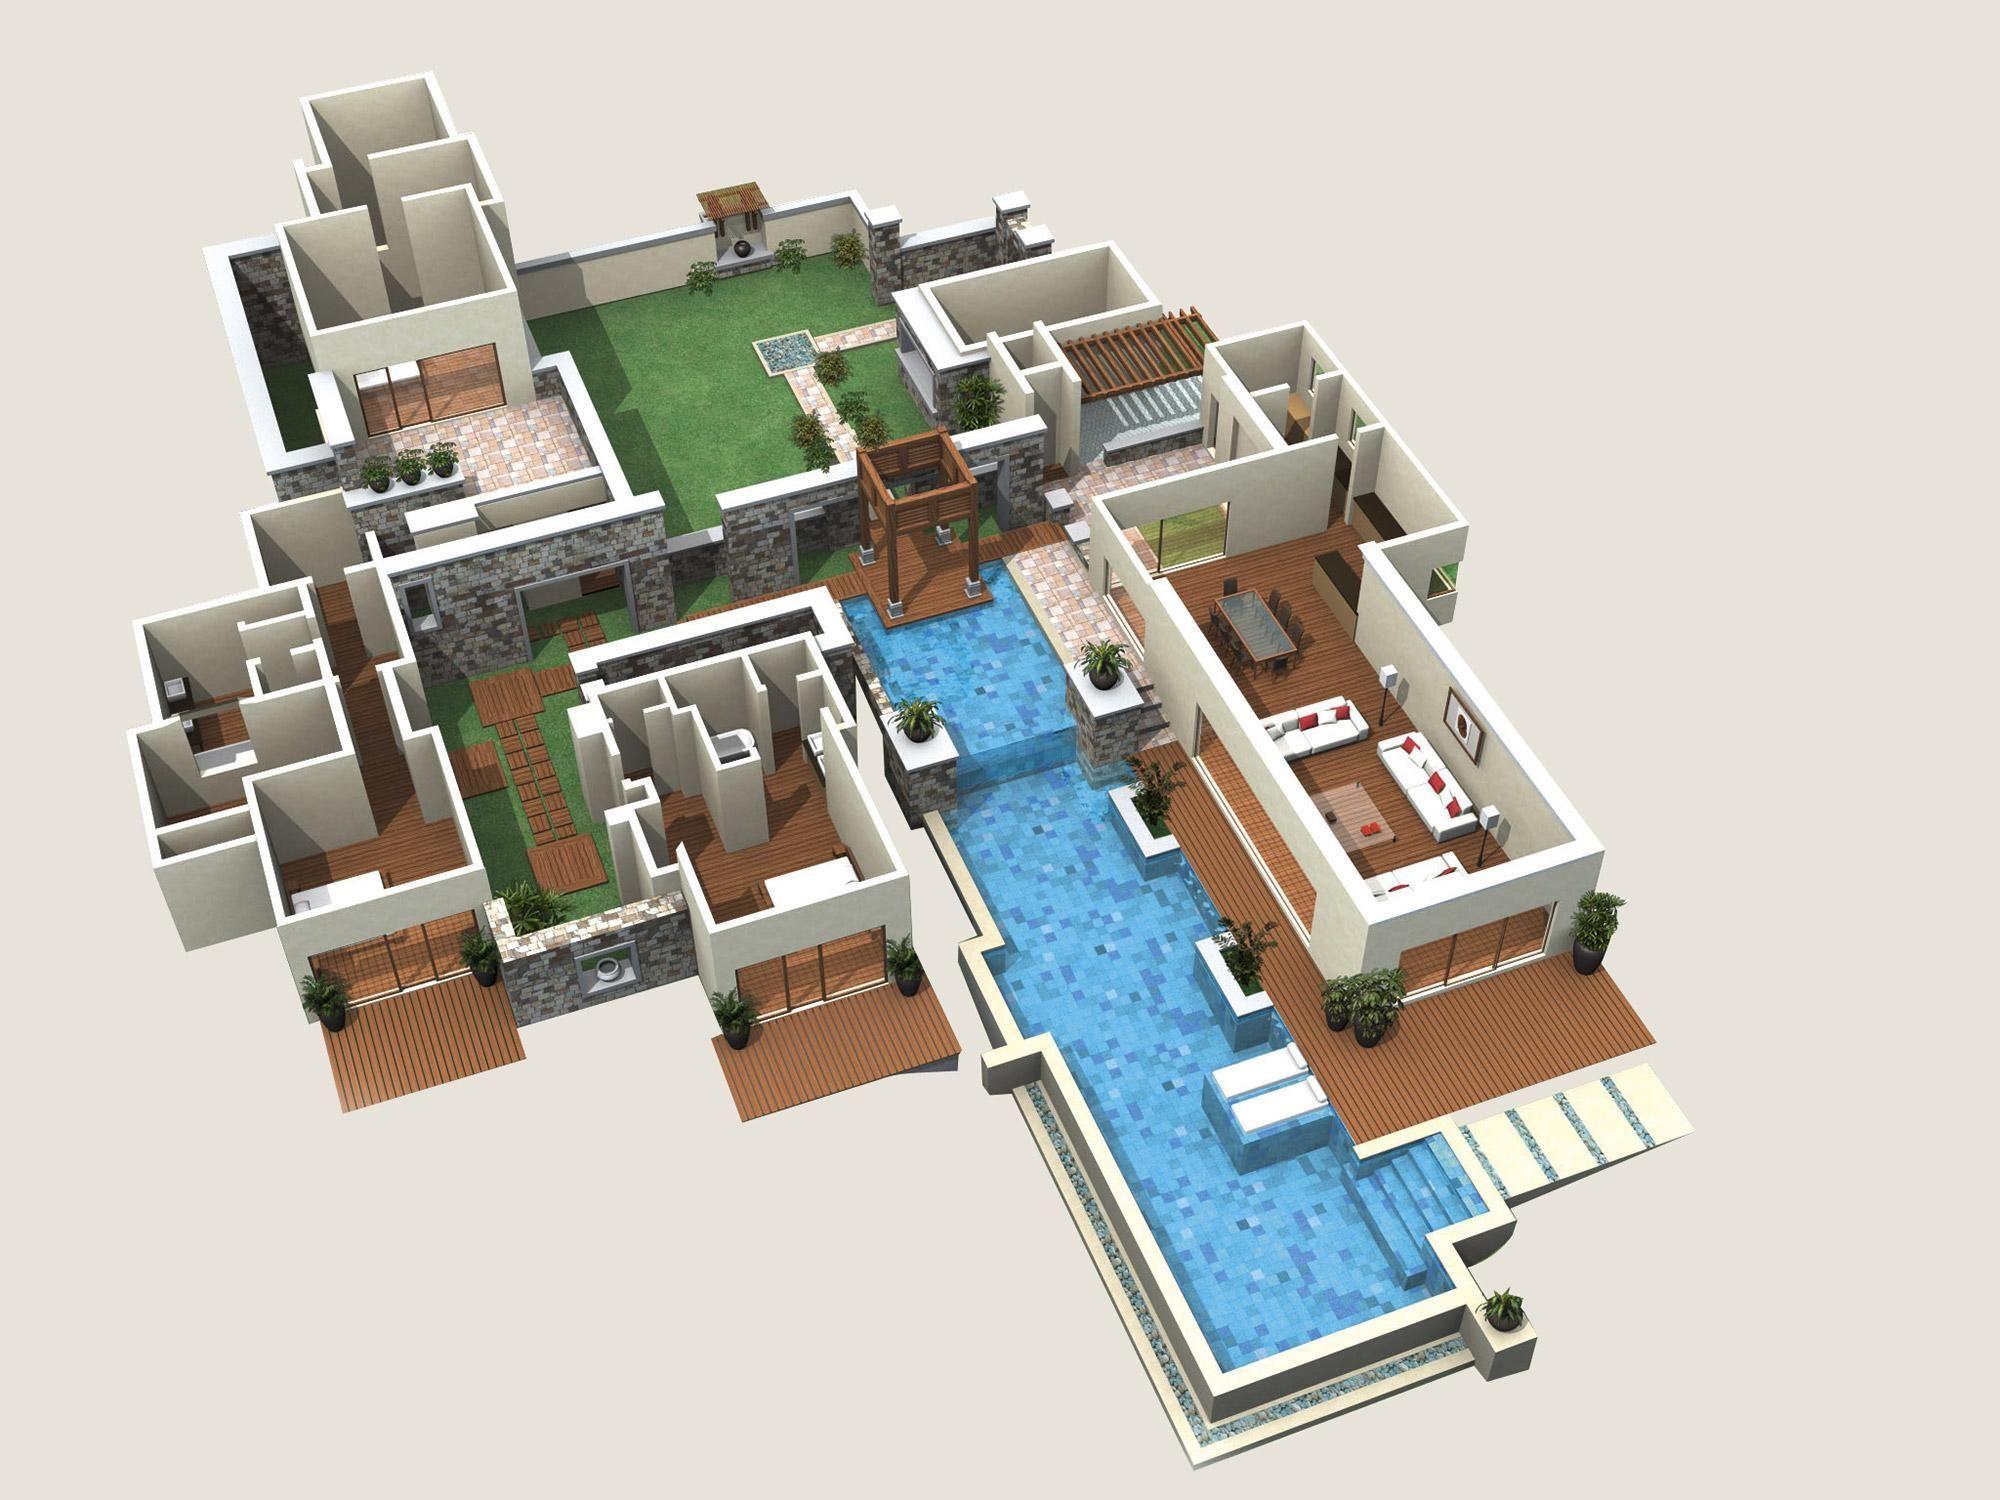 Plan de maison de luxe moderne 3d - Idées de travaux